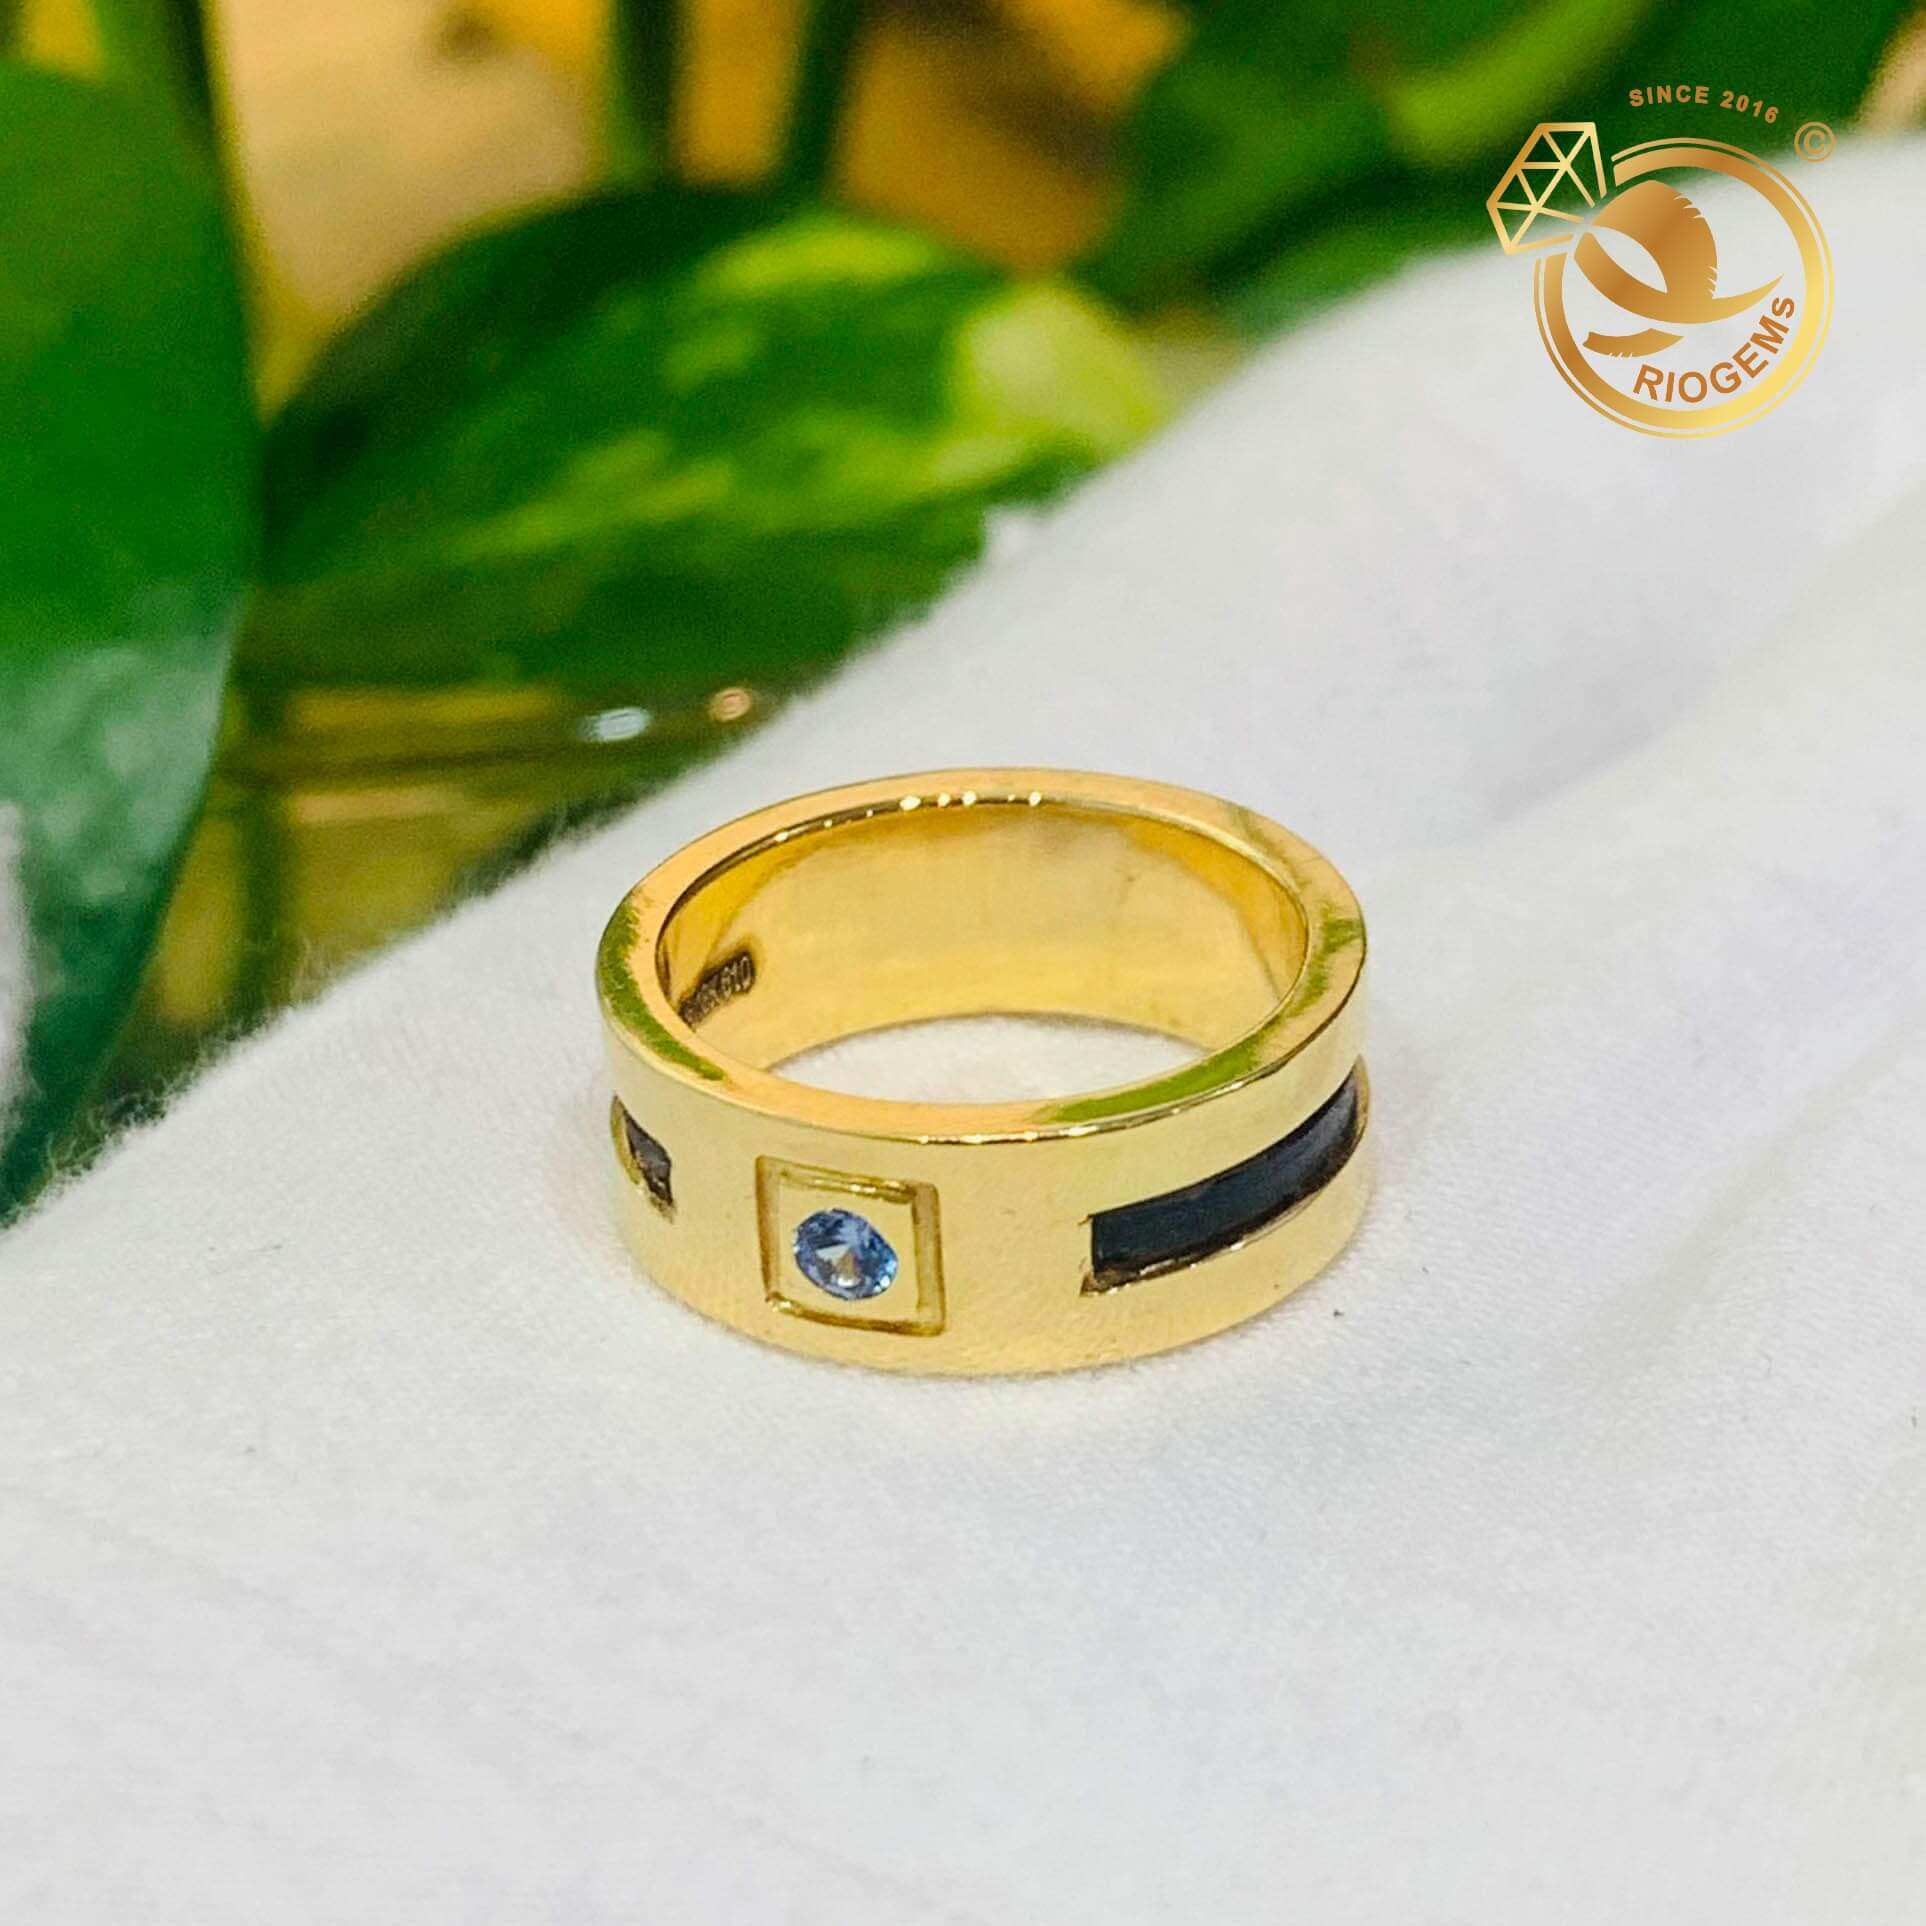 Nhẫn vàng 18K chậu vuông đính đá Cz tròn xanh lơ RIOGEMs đẹp